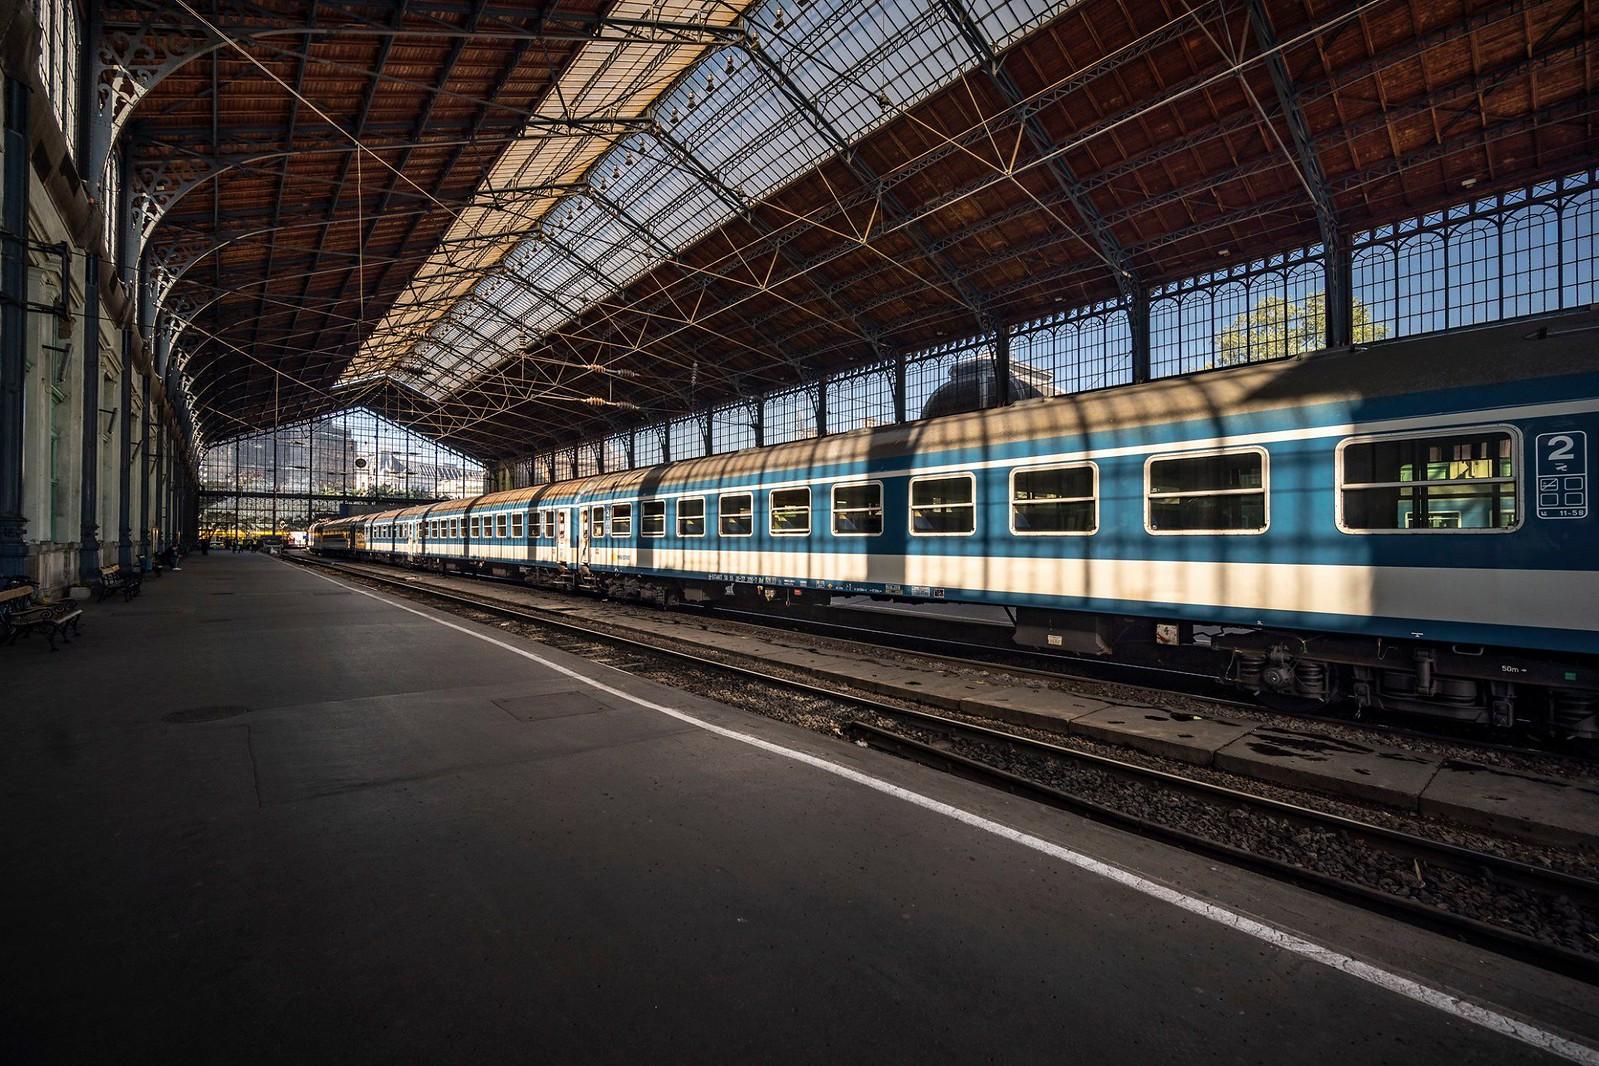 Kelenföld lesz a szegedi InterCity-k új végállomása hétvégente nyár végéig